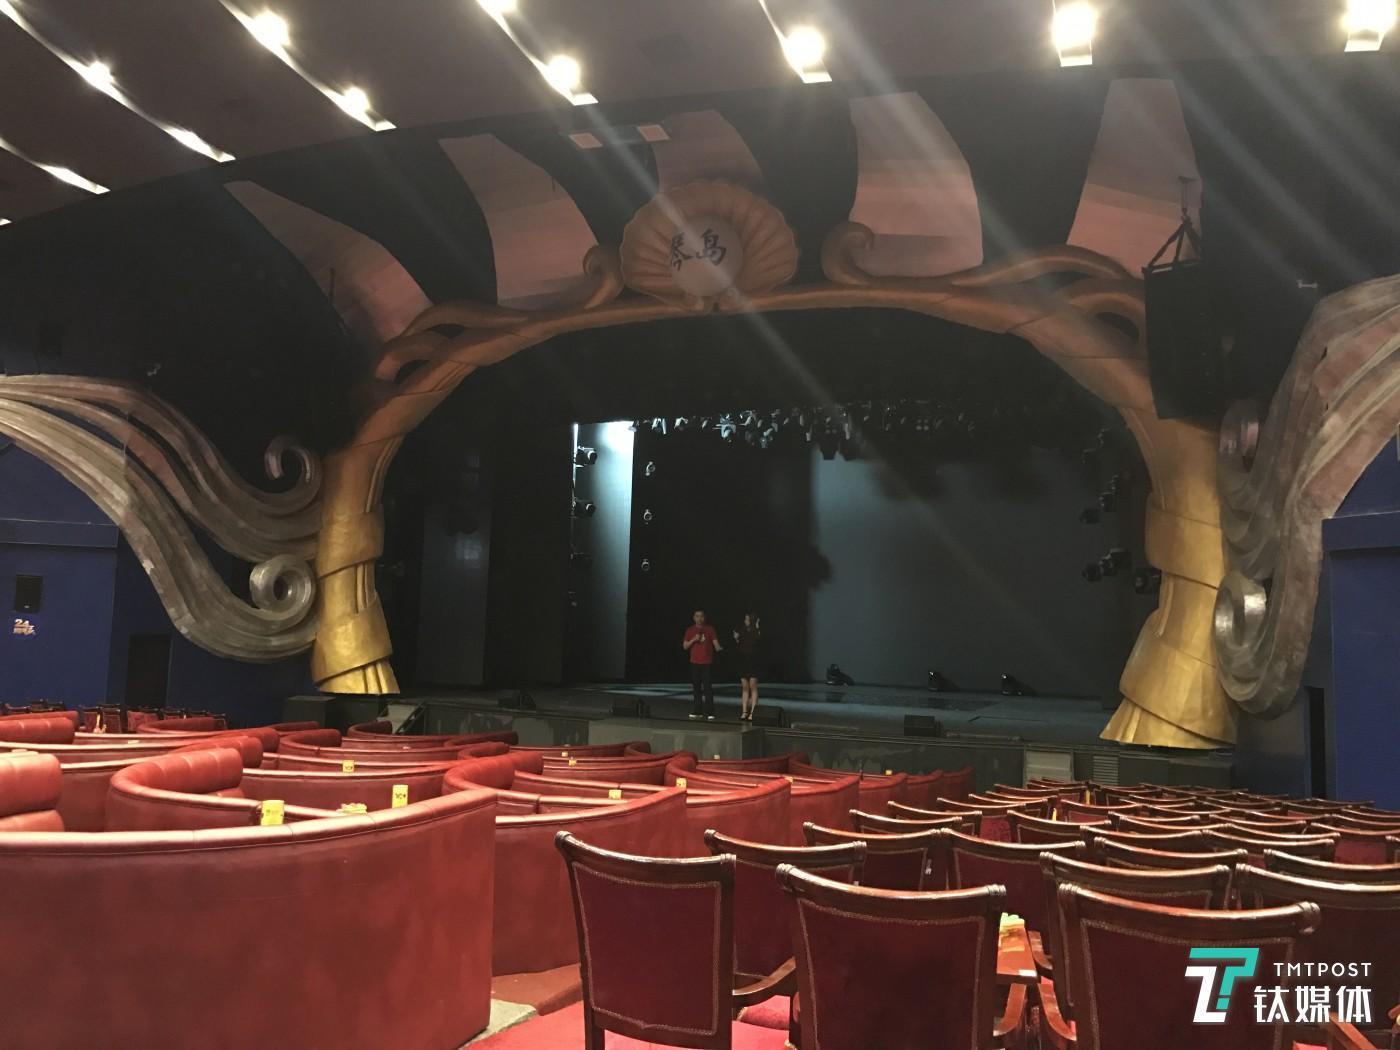 一位97年的主播,即将要登上陌陌现场演出,但在此之前她从未有过舞台表演经验,刘臻将她带到了线下琴岛的演出场地,对着空空的座位,曹宇在教她声乐。